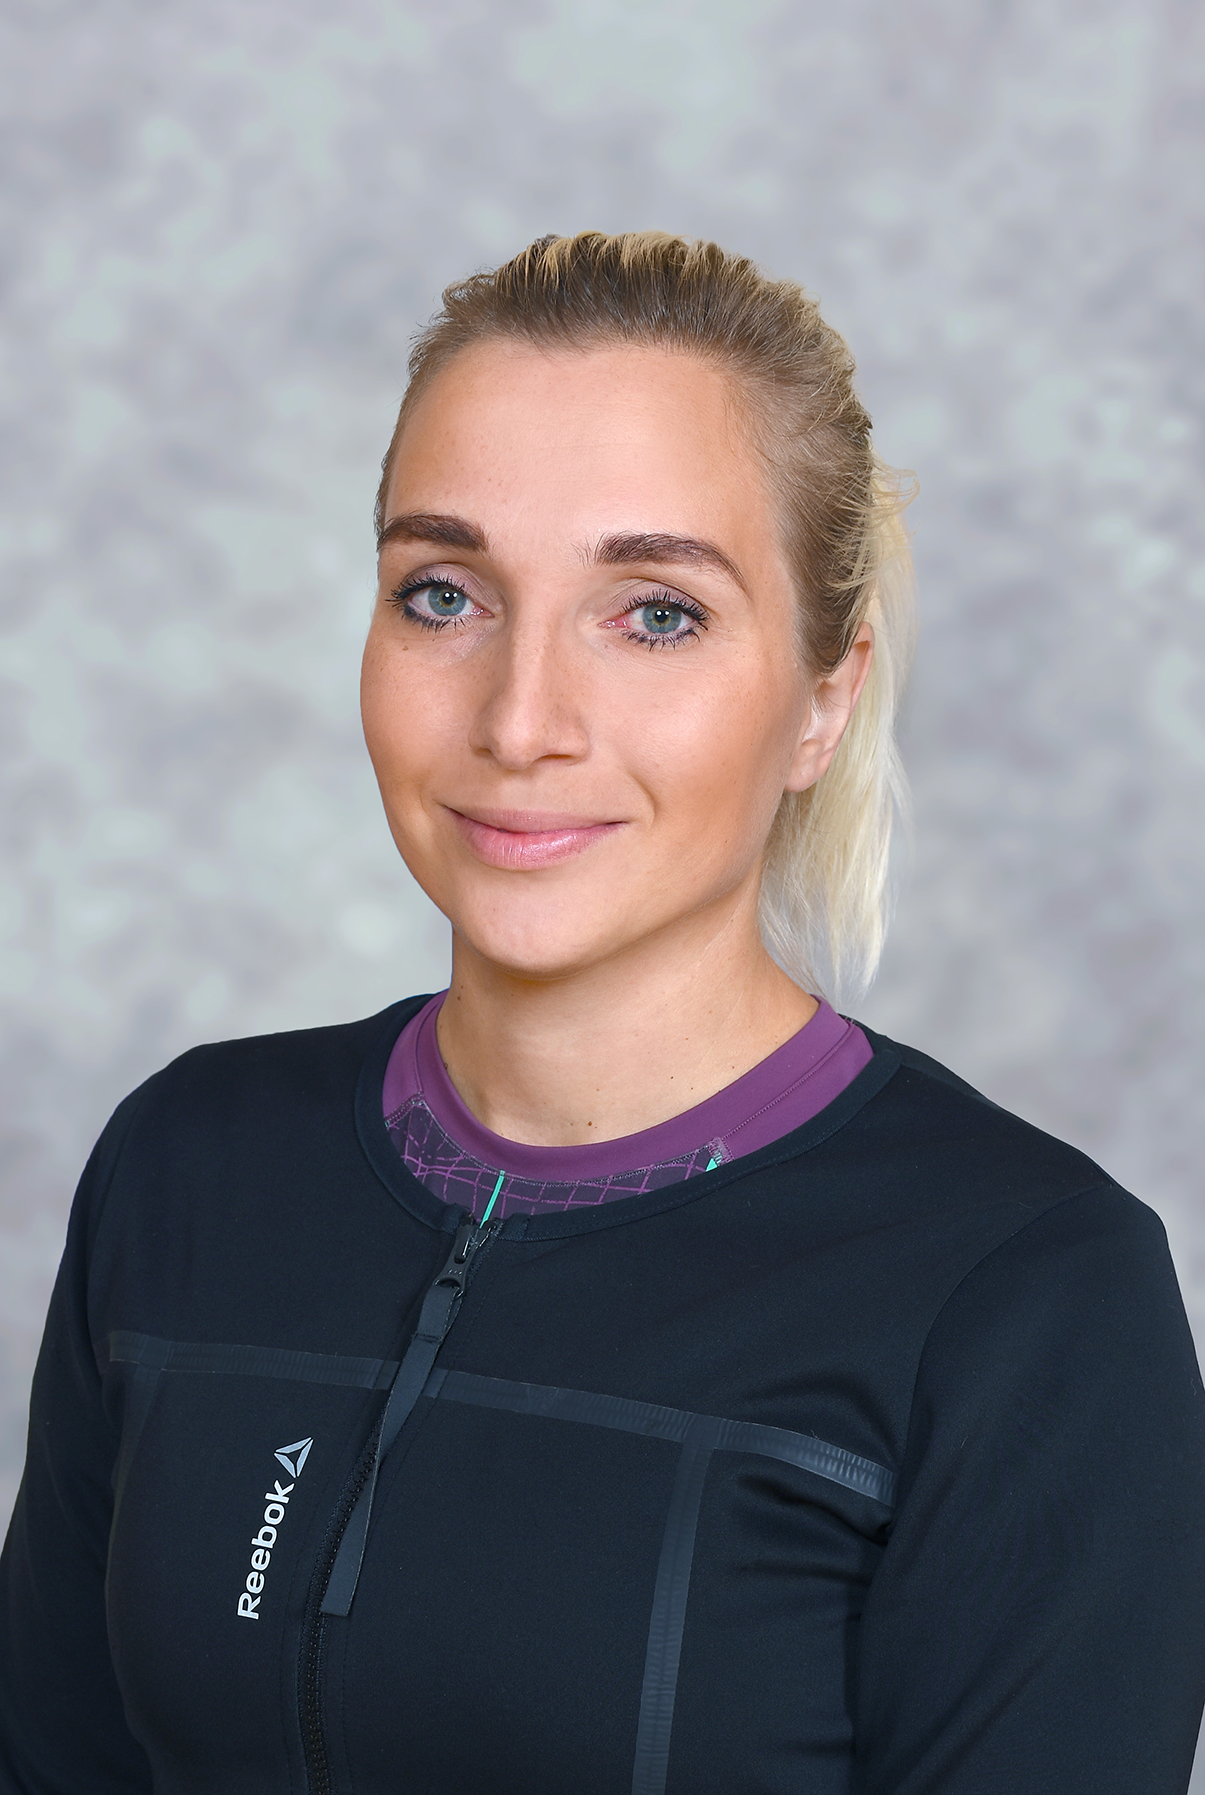 Учитель физической культуры, Ермолаева Светлана Валерьевна